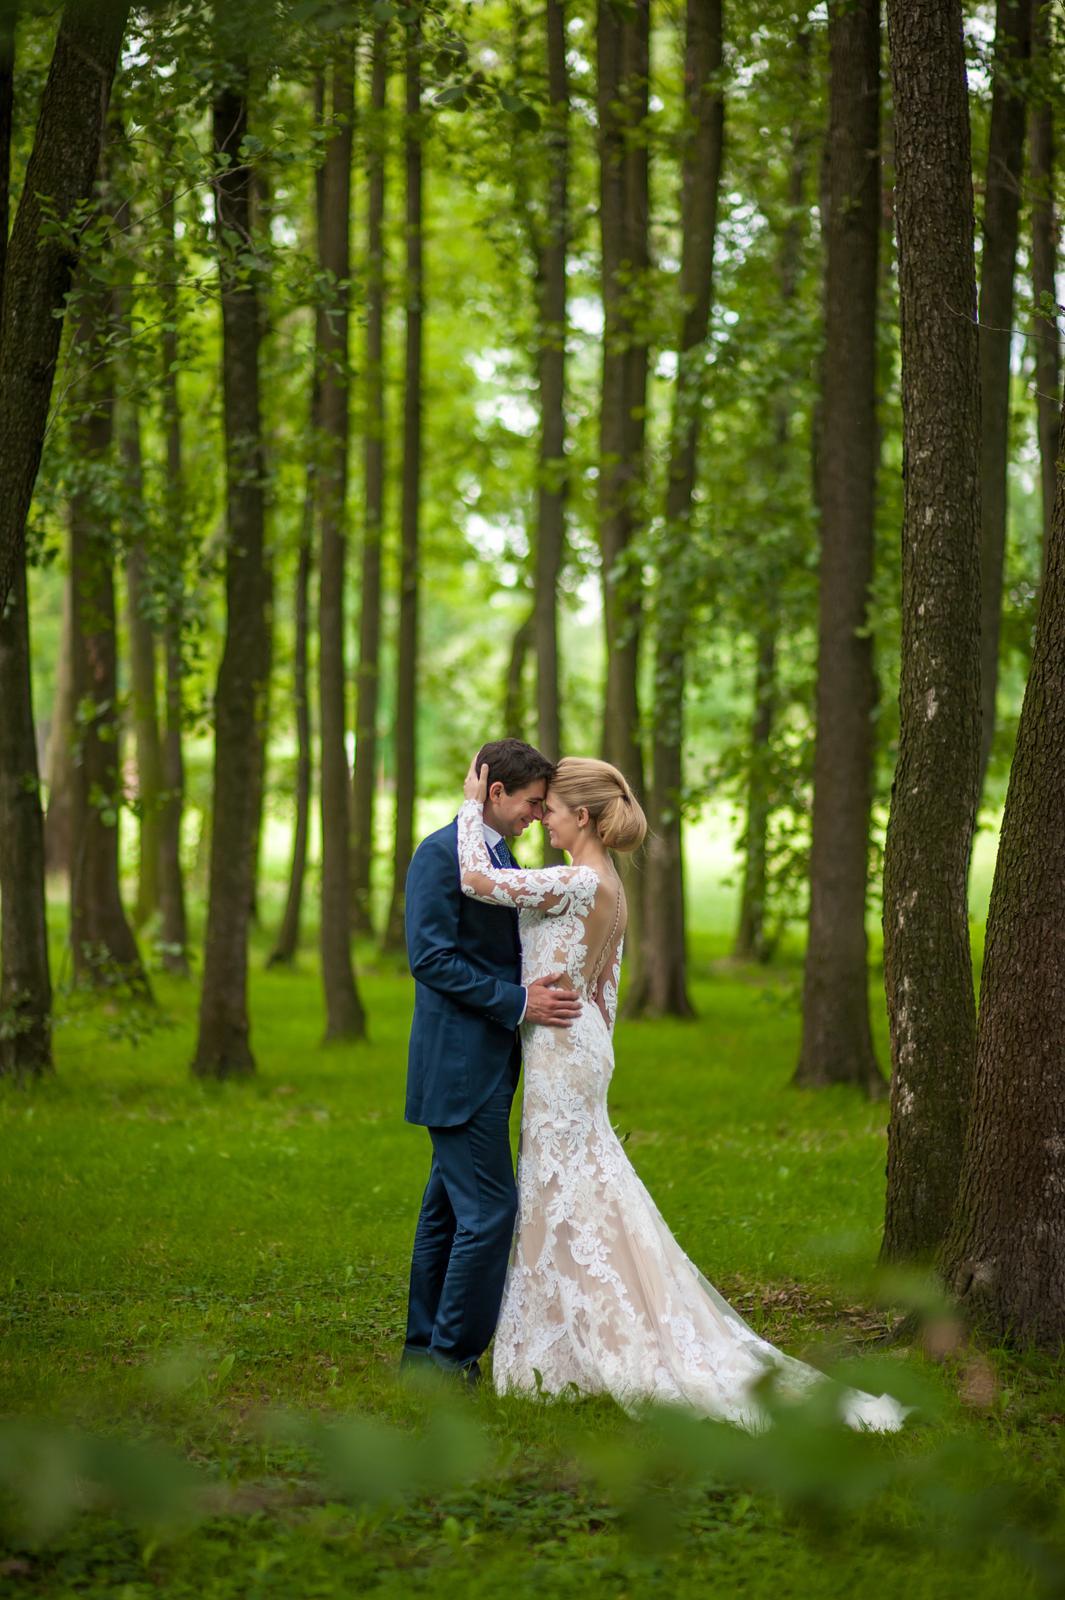 Wedding ♥ - Obrázek č. 69